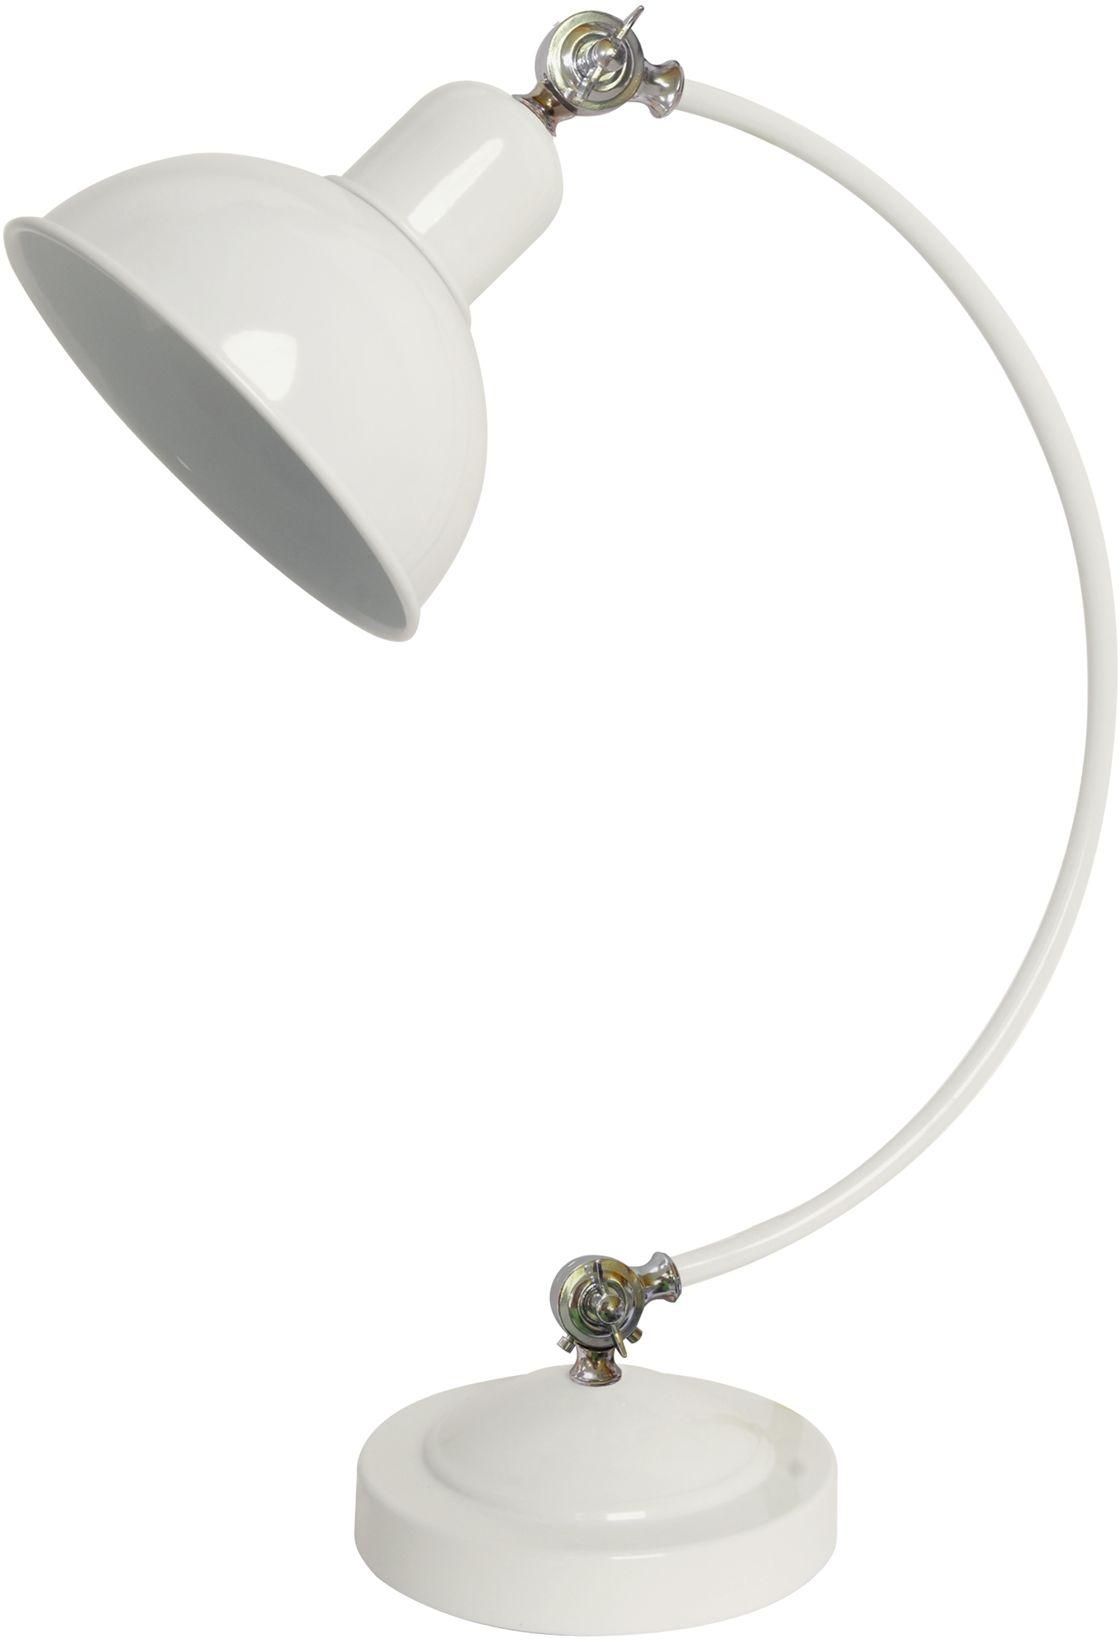 Candellux OLD 41-27931 lampa stołowa biała regulowany kąt nachylenia 1X40W E27 18 cm